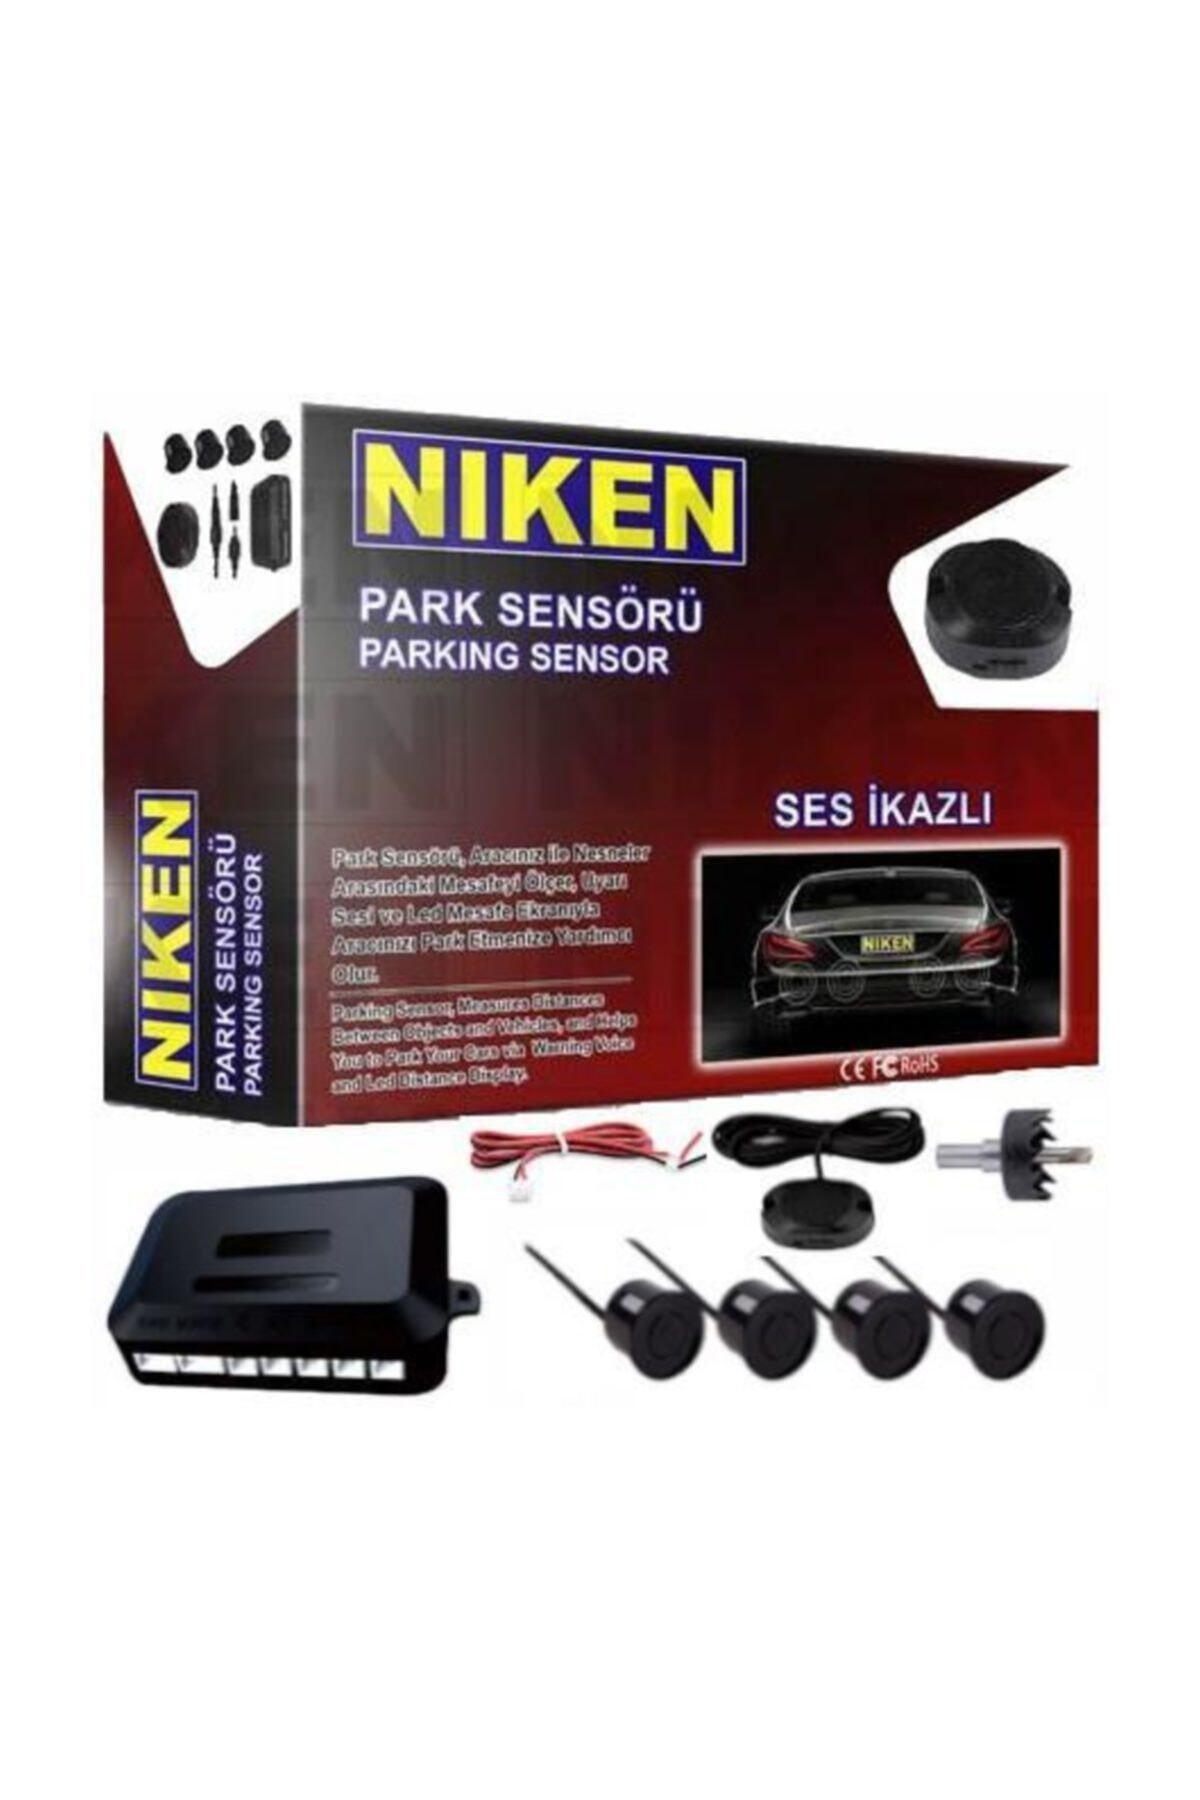 Niken Park Sensörü Ses Ikazlı Orj Tip 22 Mm Siyah Sensör 1